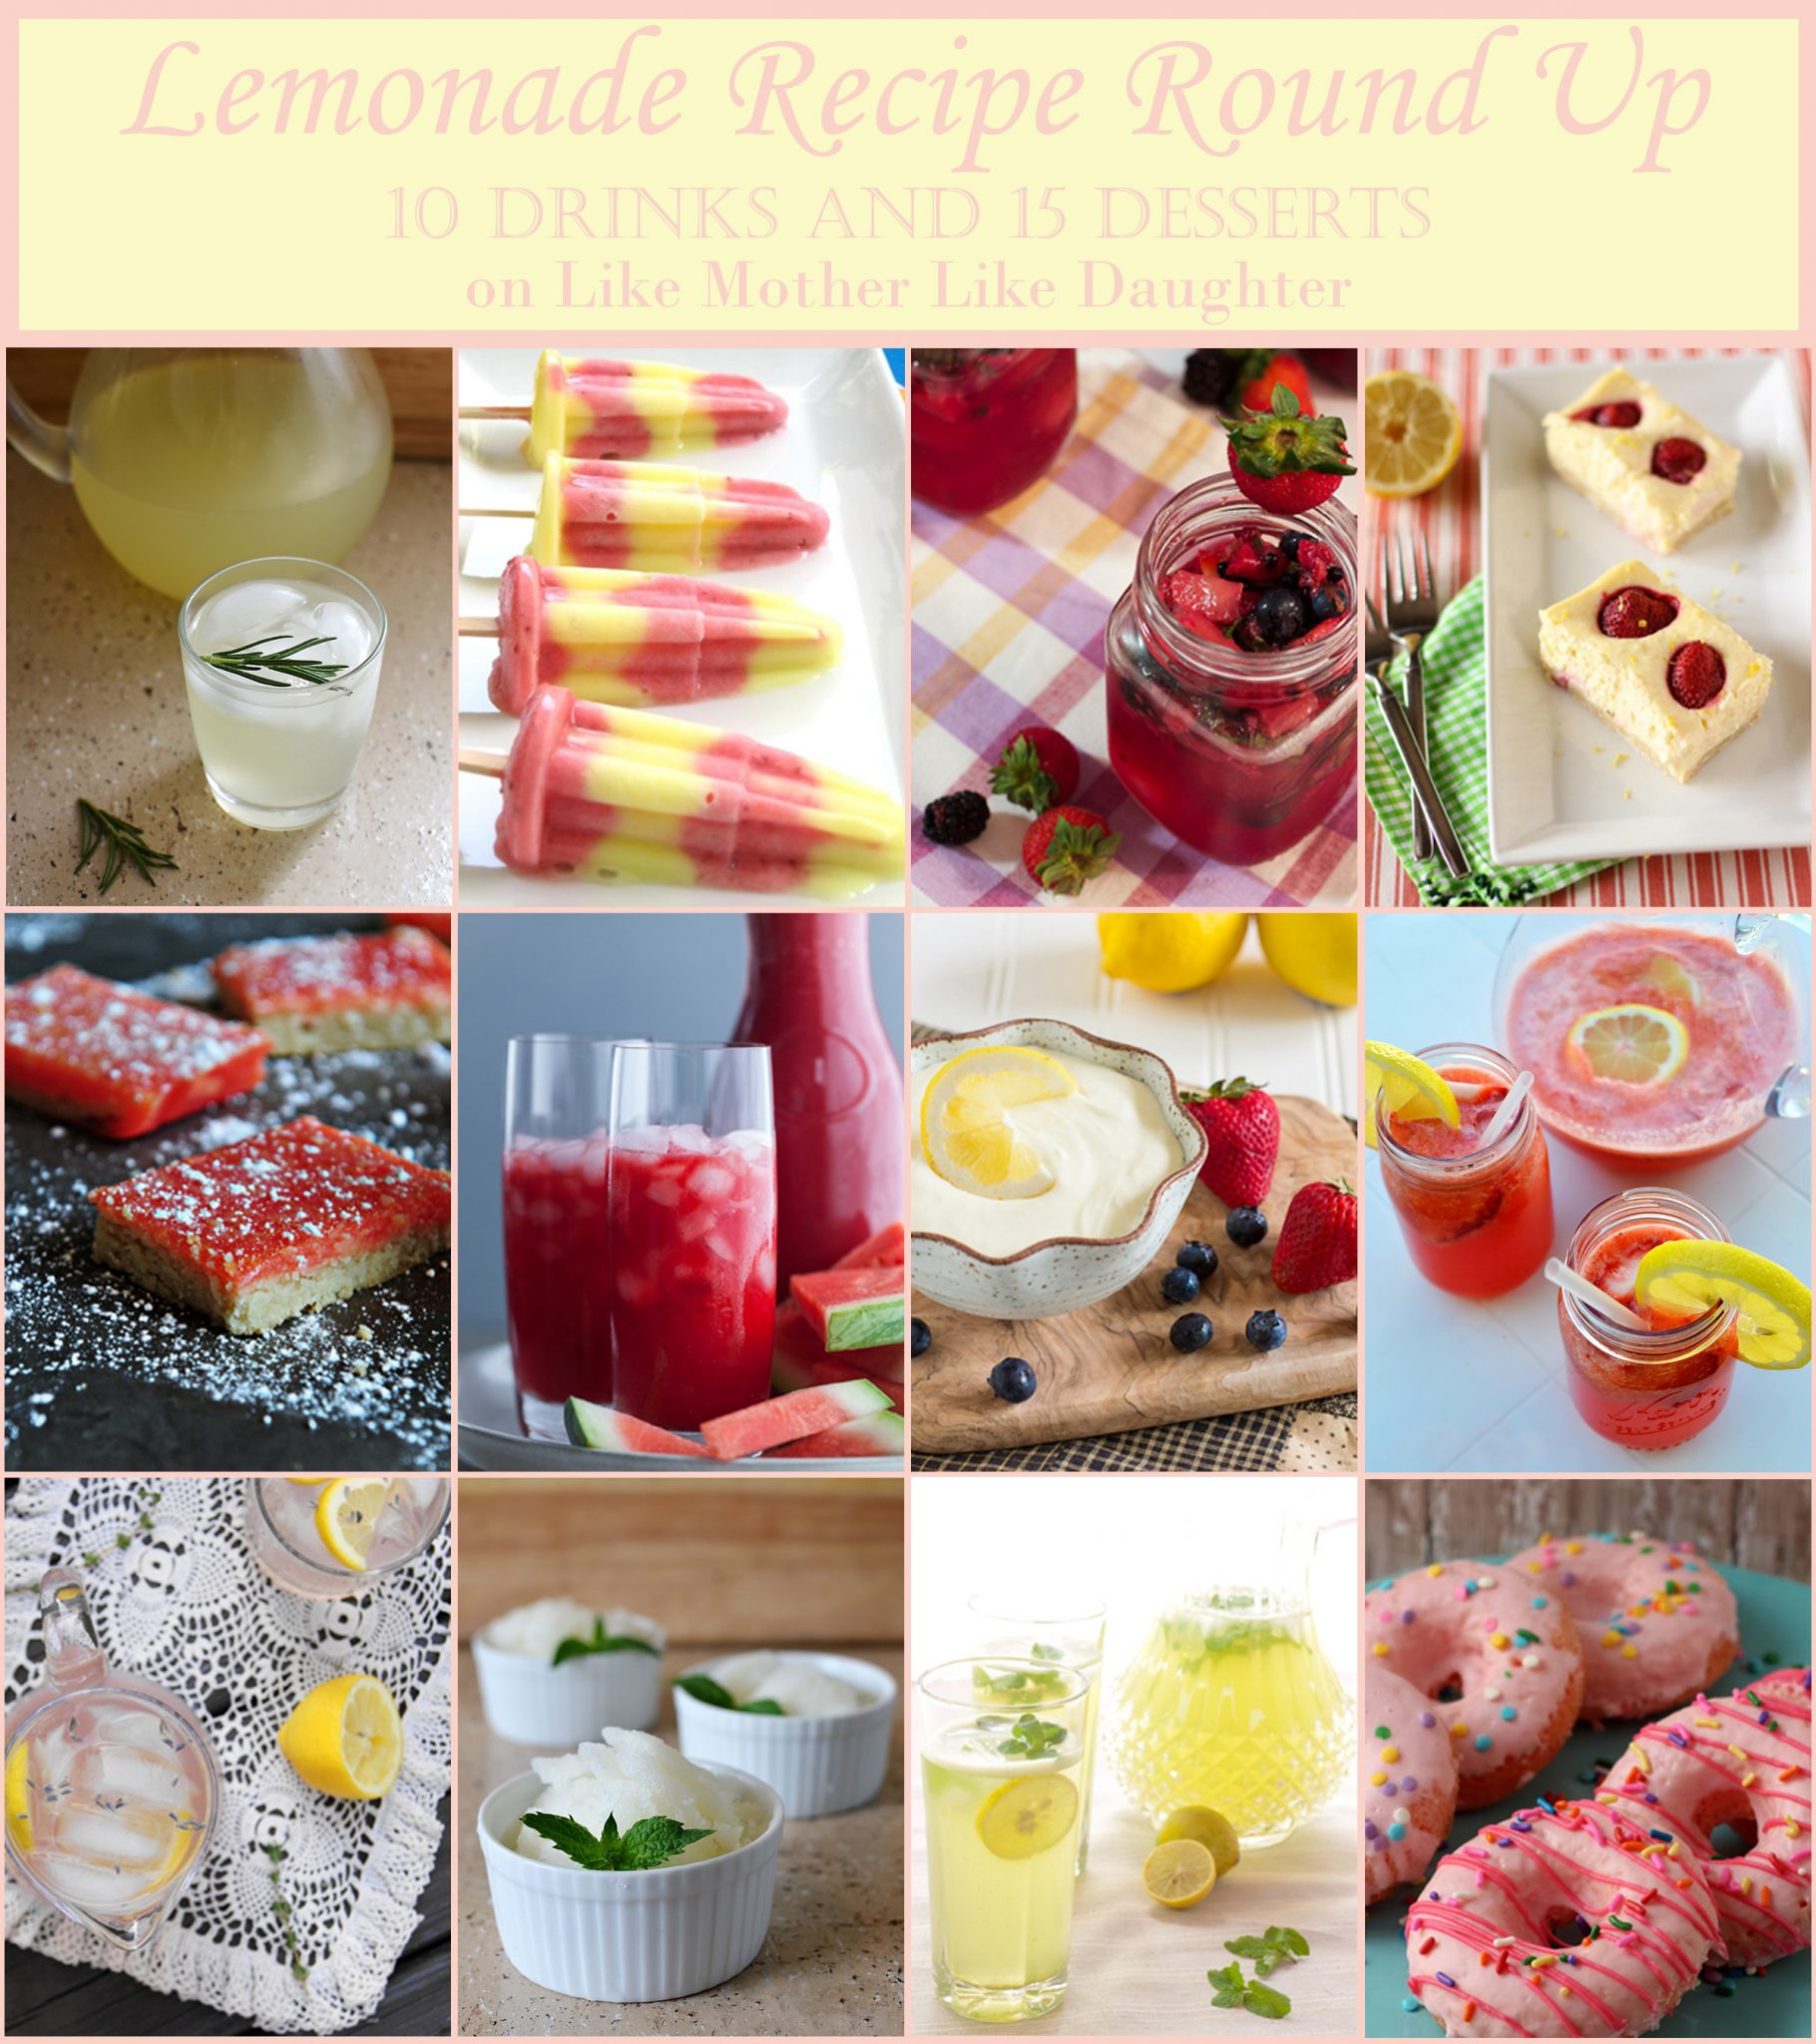 Lemonade Round Up